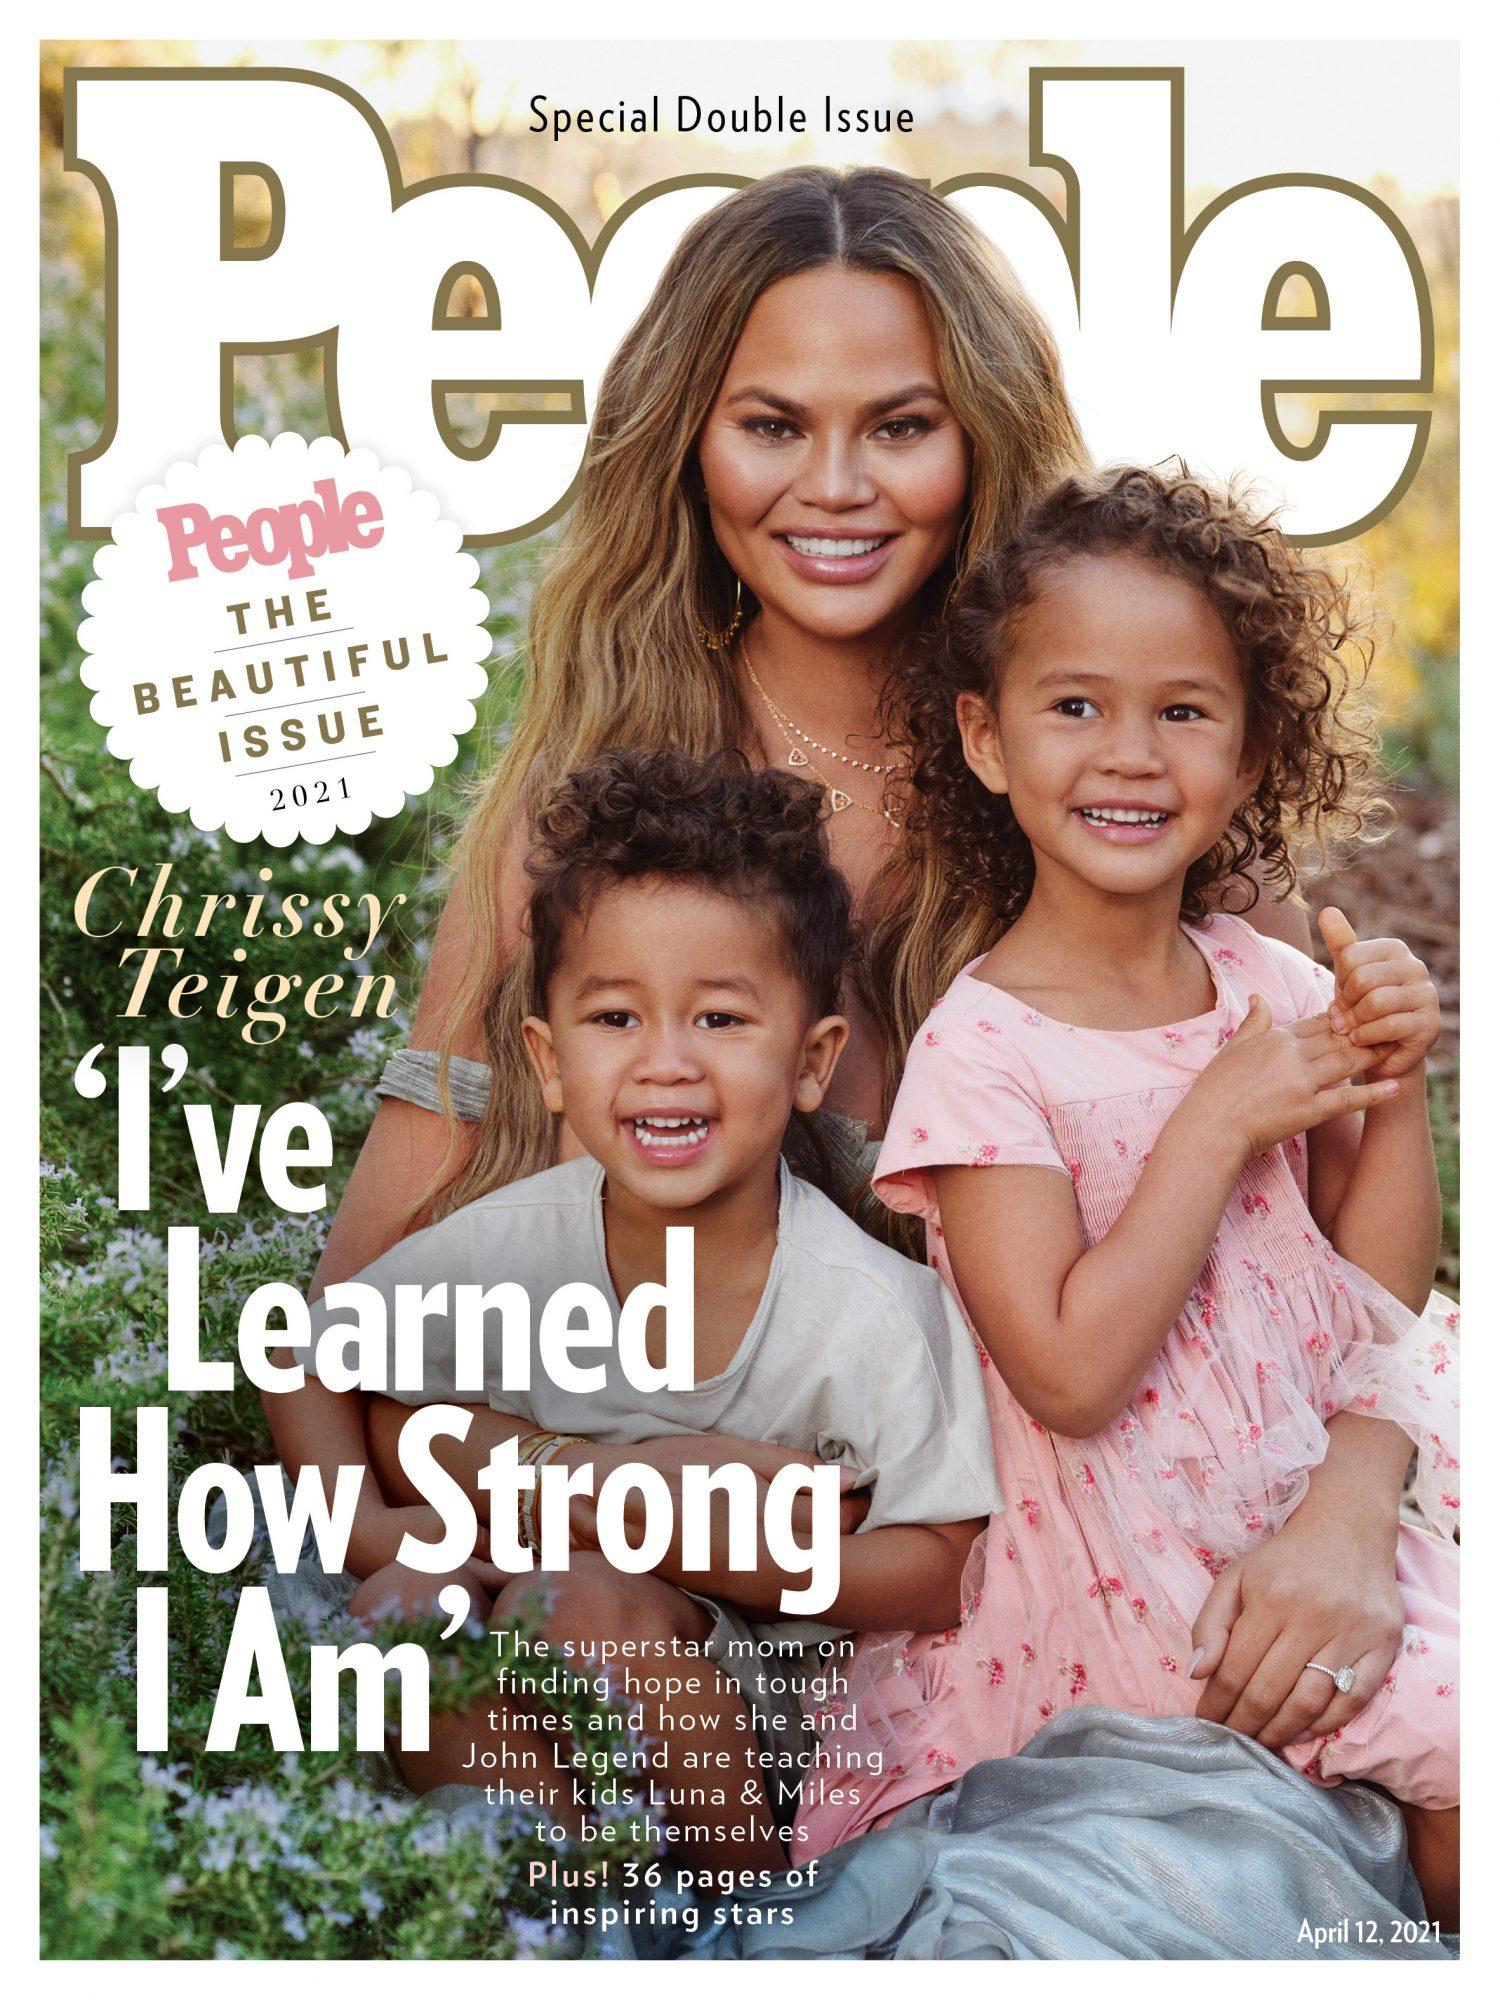 Журнал People назвал самую красивую женщину в мире